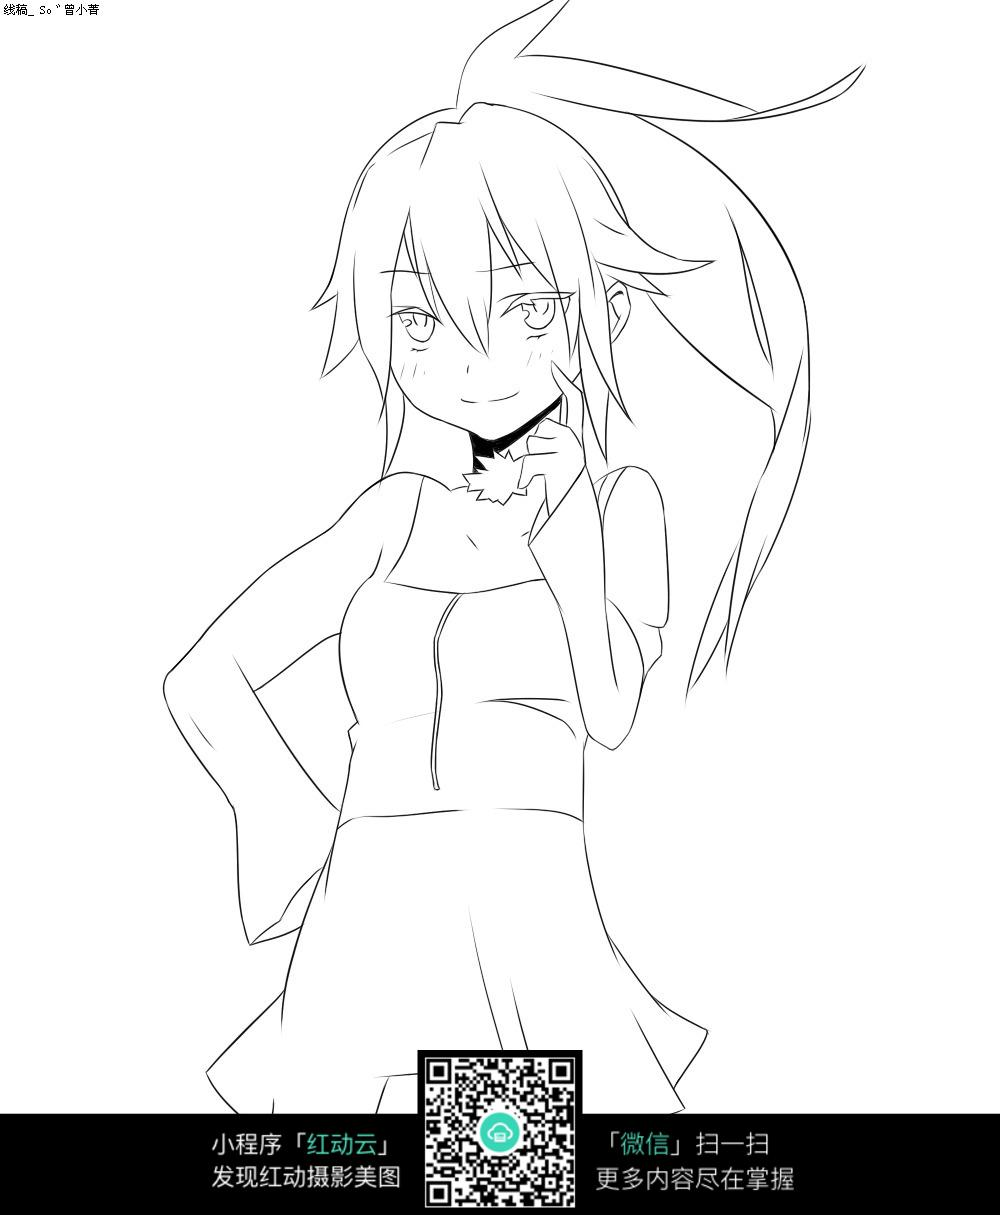 短裙美少女线绘图